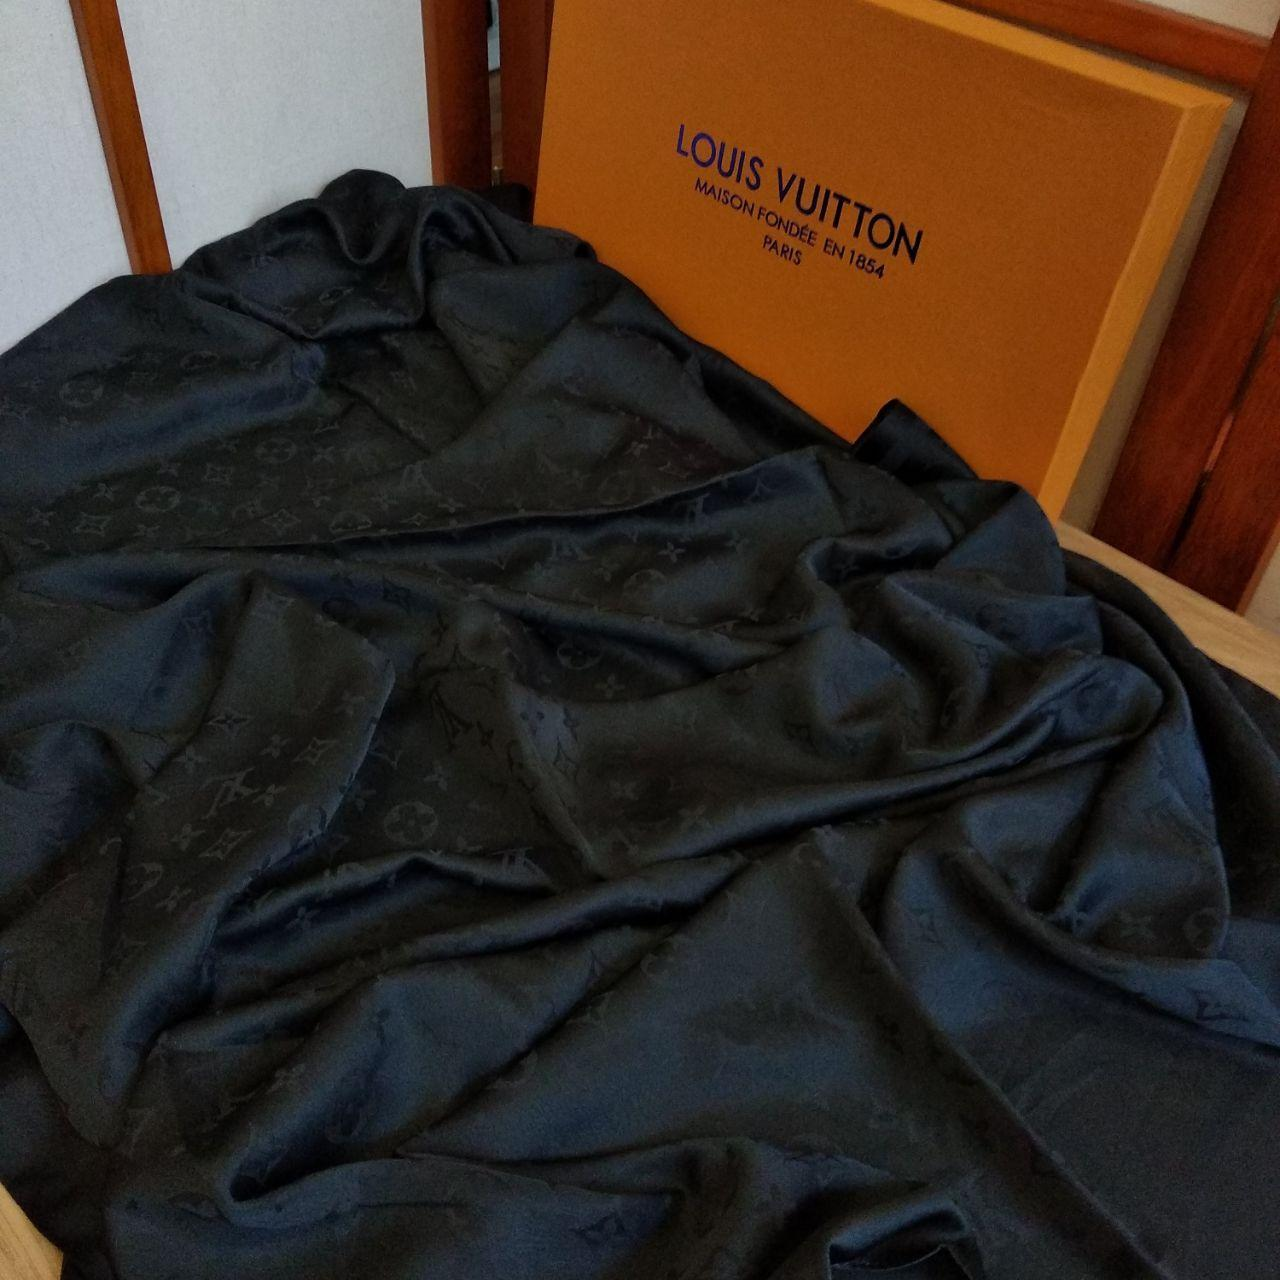 Палантин Louis Vuitton шелк черный